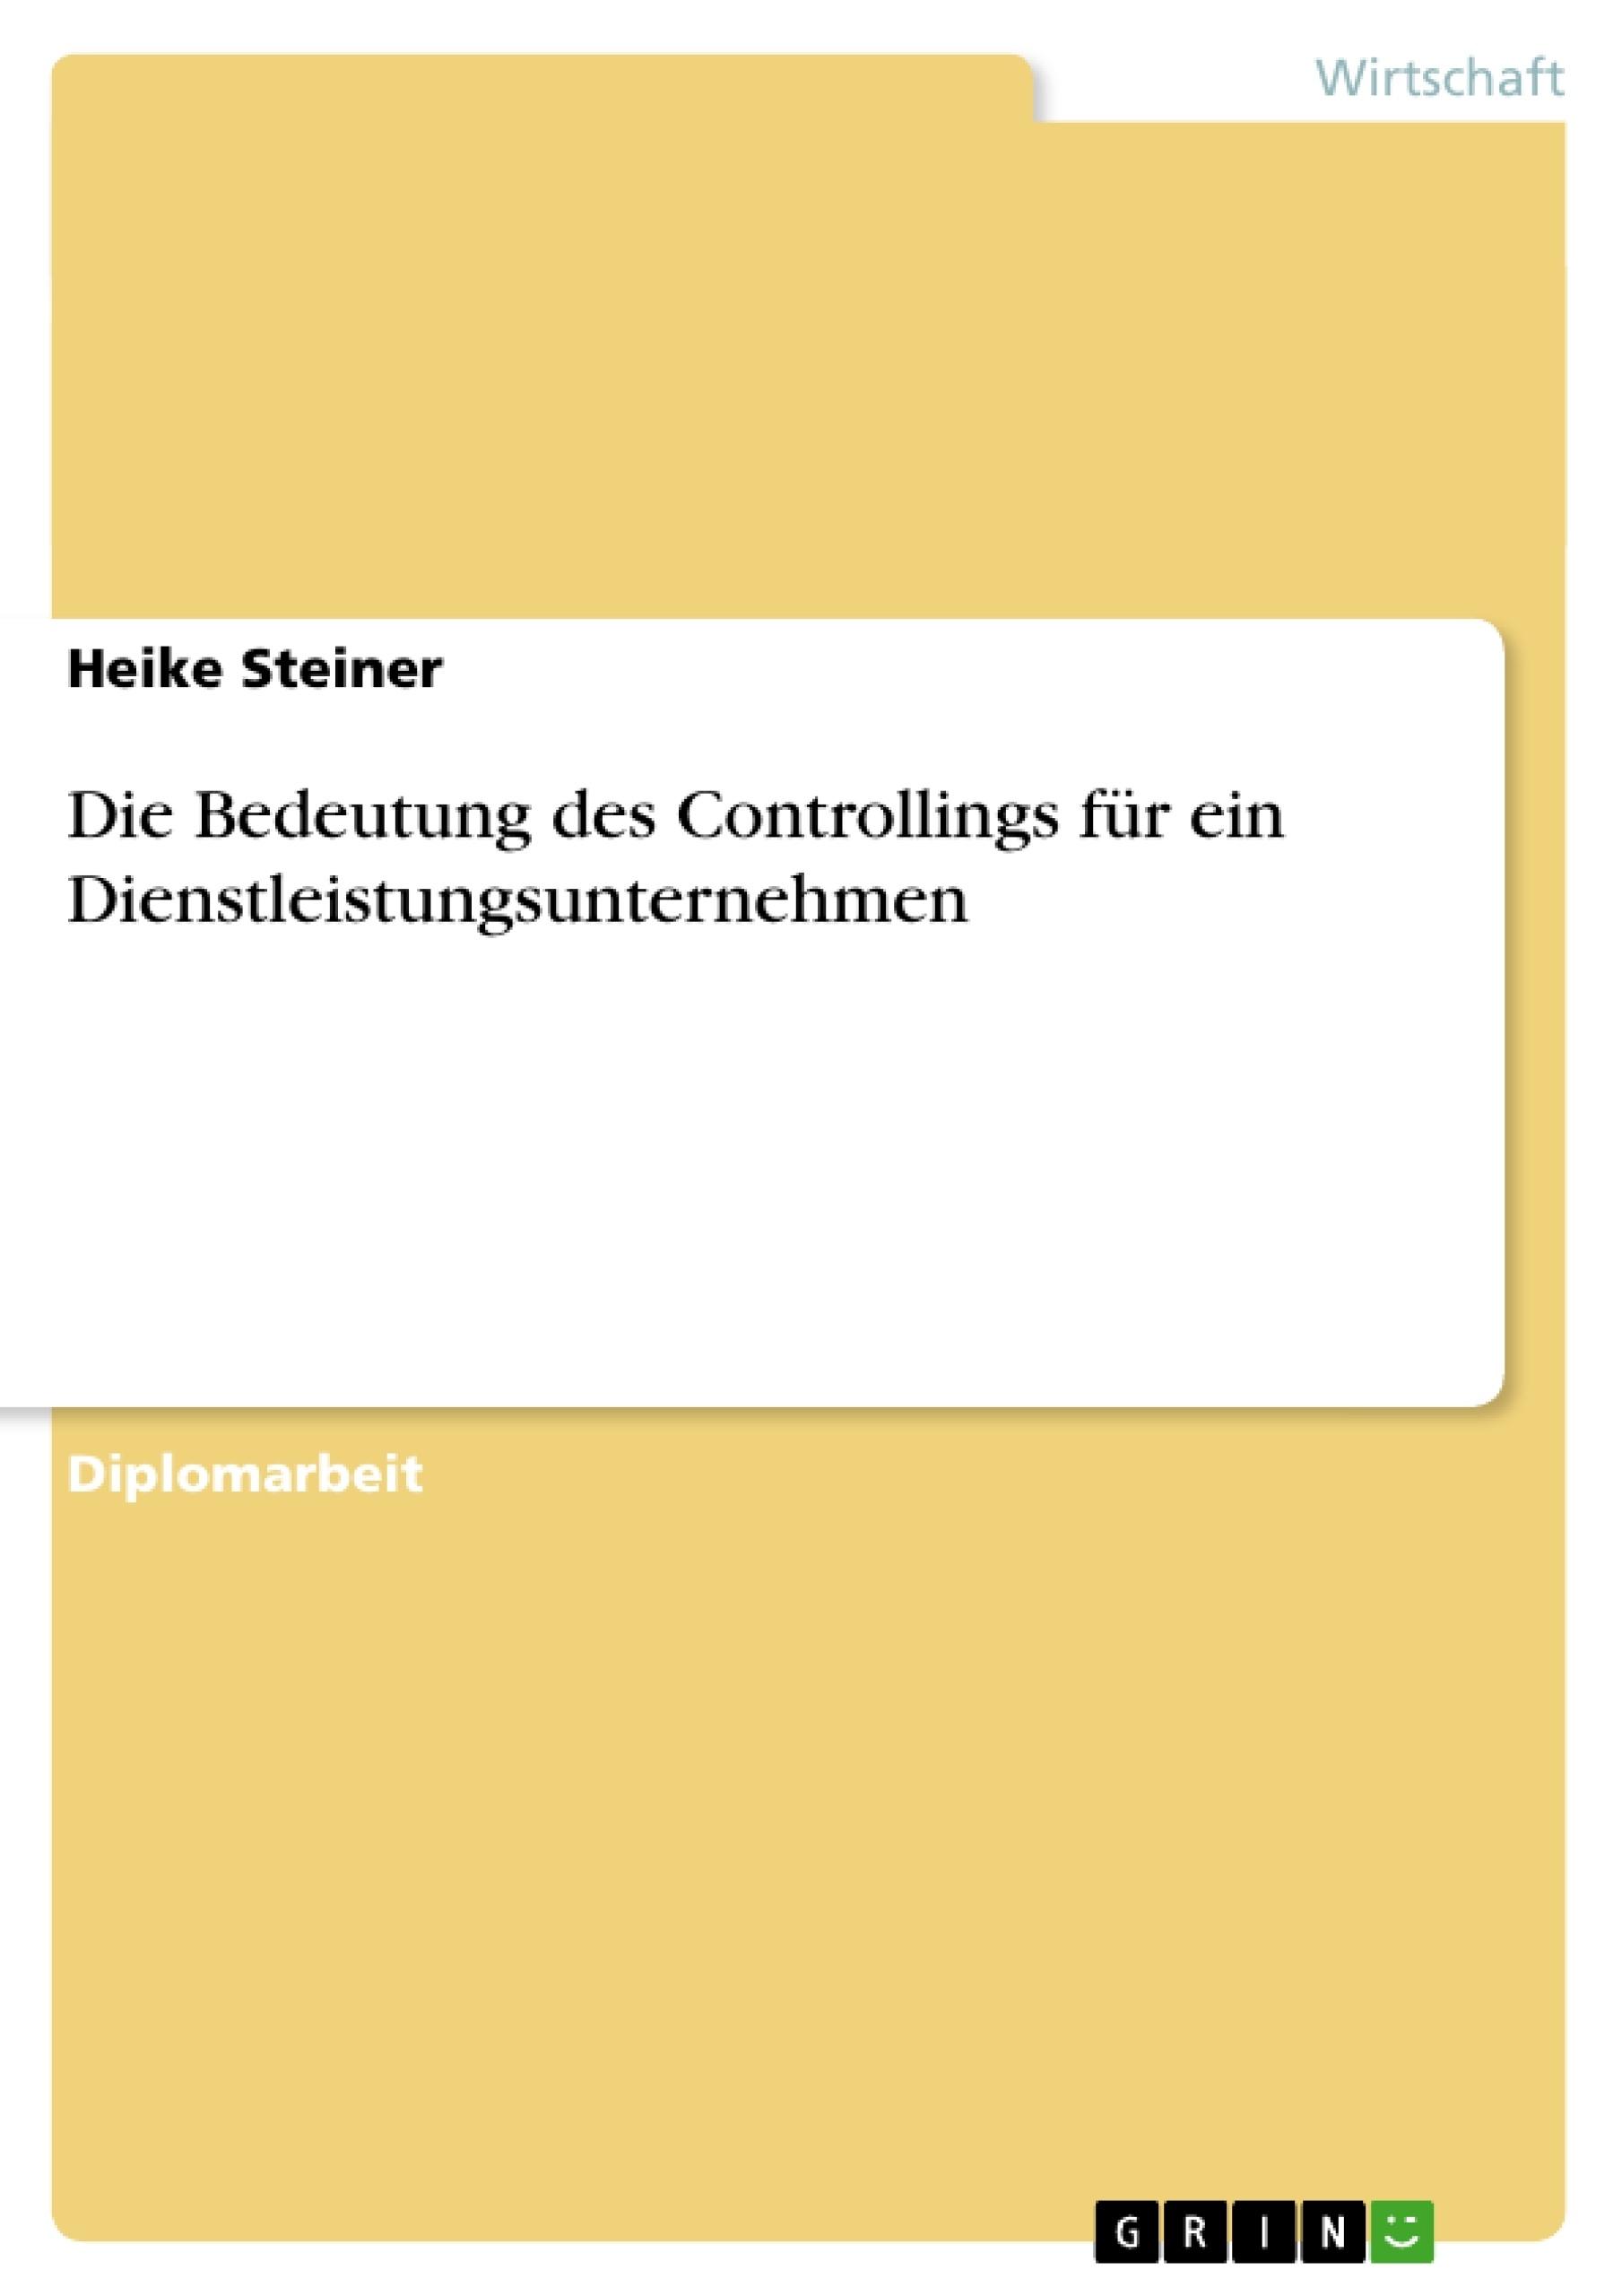 Titel: Die Bedeutung des Controllings für ein Dienstleistungsunternehmen